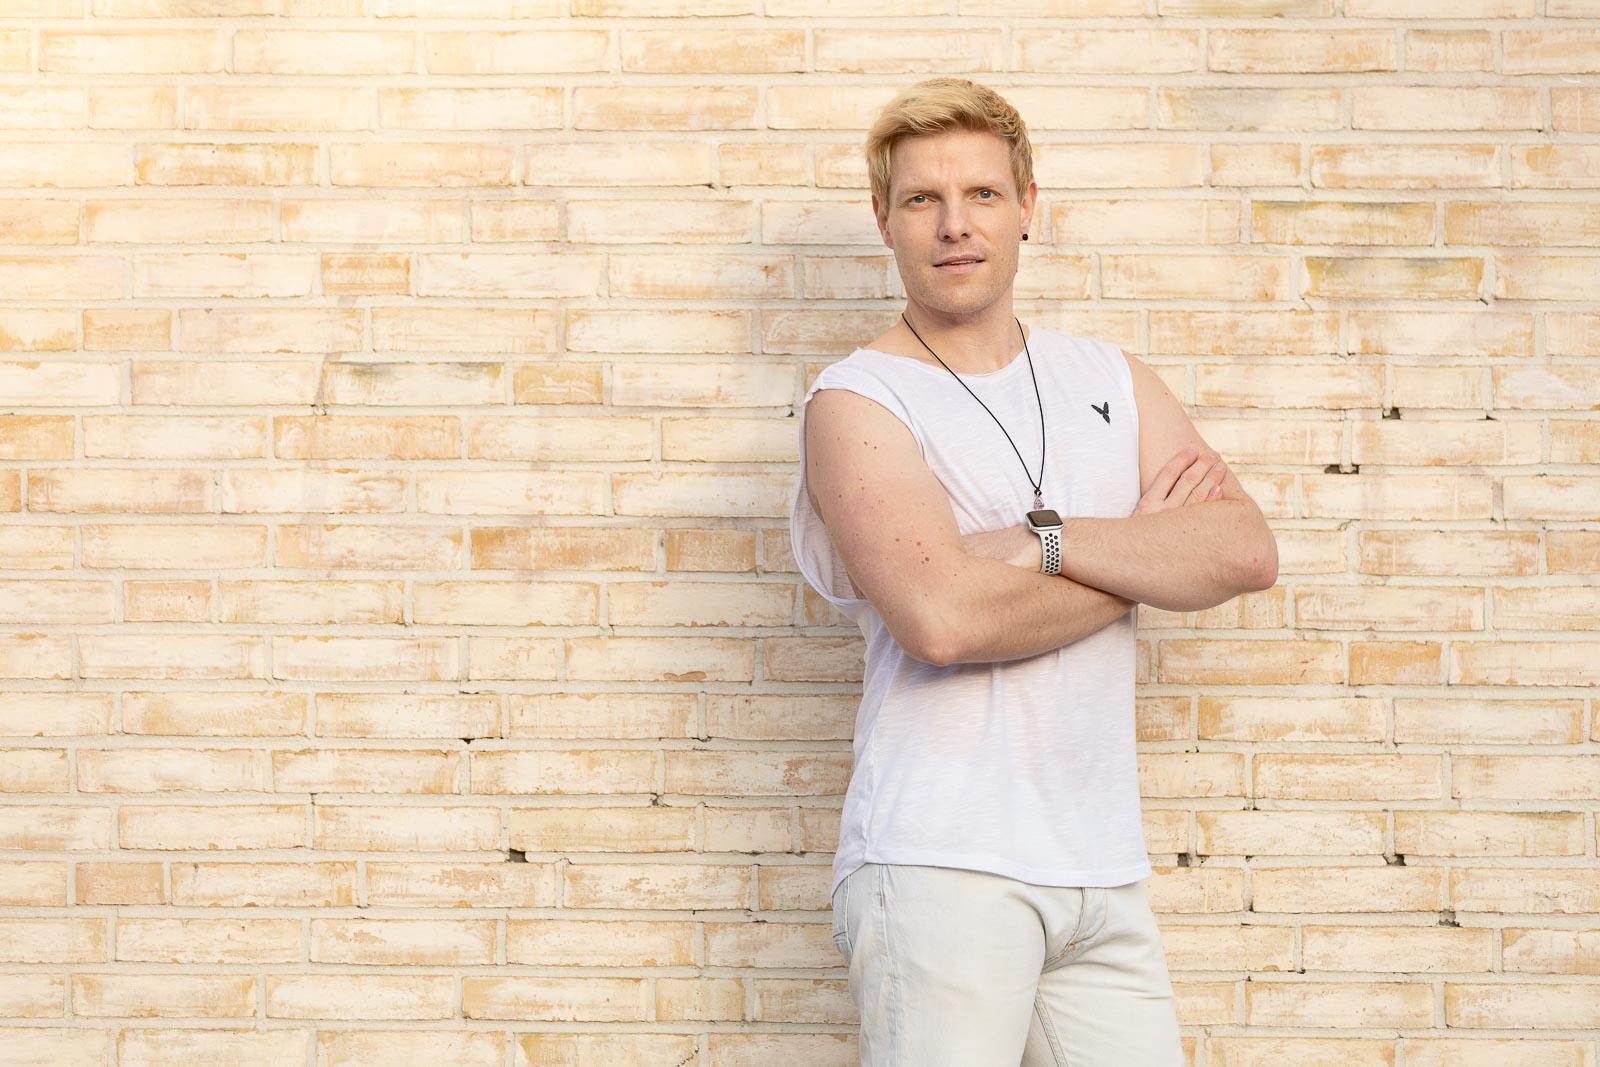 Dating-Foto eines jungen blonden Mannes in weißem T-Shirt, der lässig an eine gelbe Klinkermauer lehnt